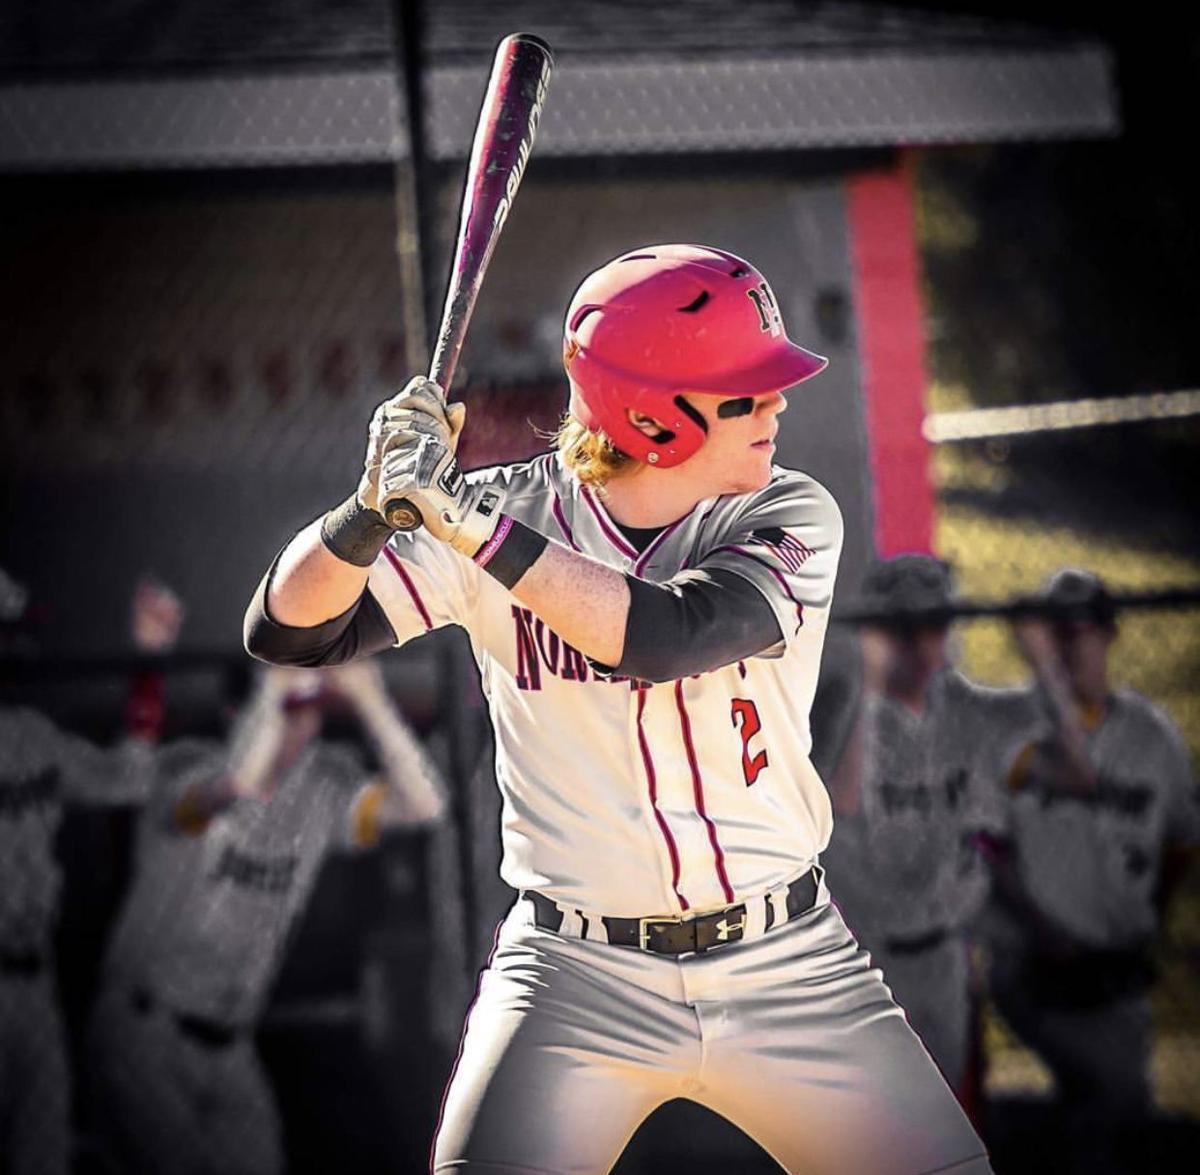 North Point senior Doss signs to play baseball at Maryland